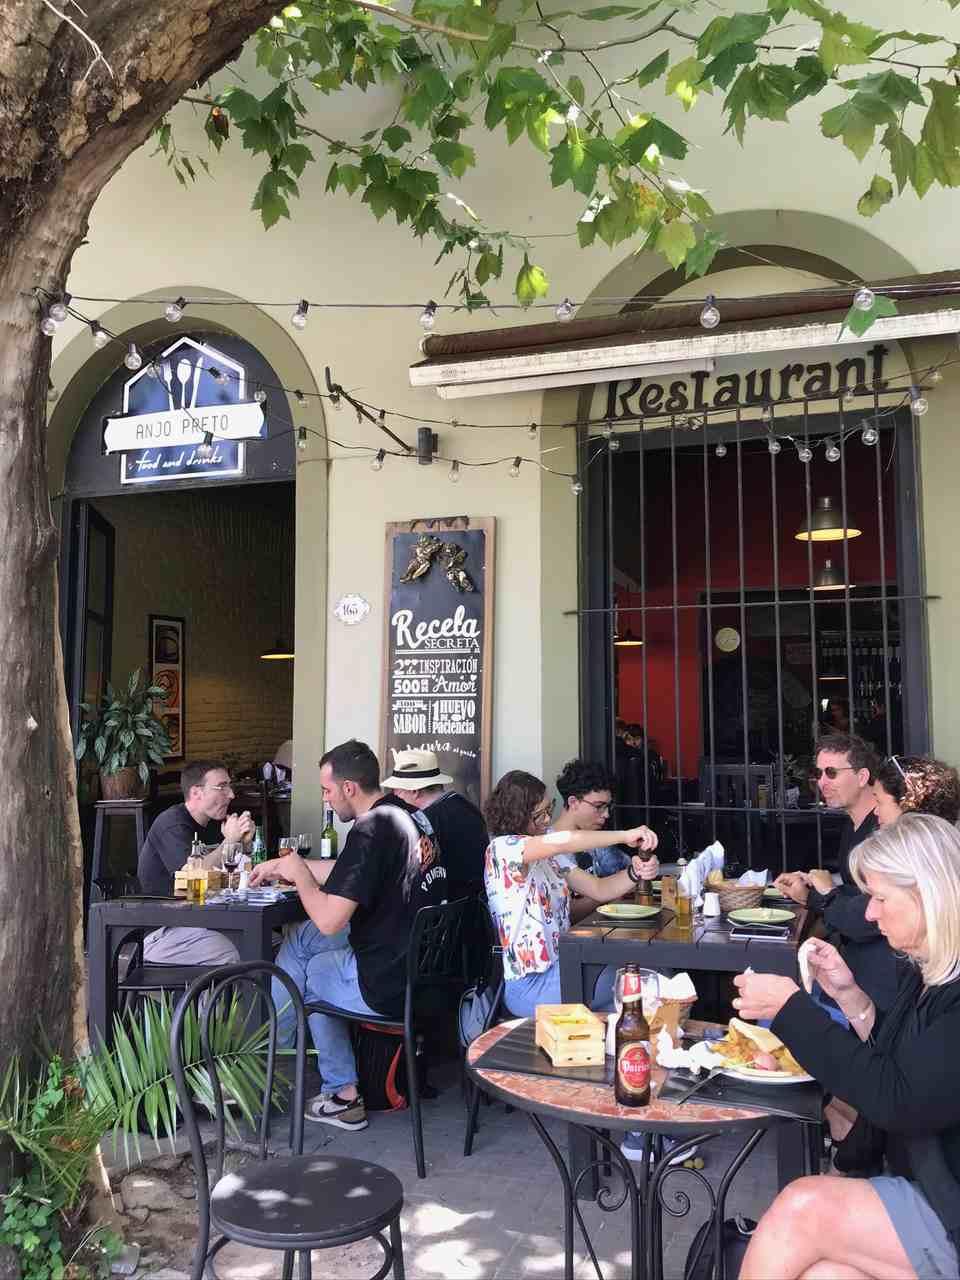 Restaurante Anjo Preto, Colonia del Sacramento